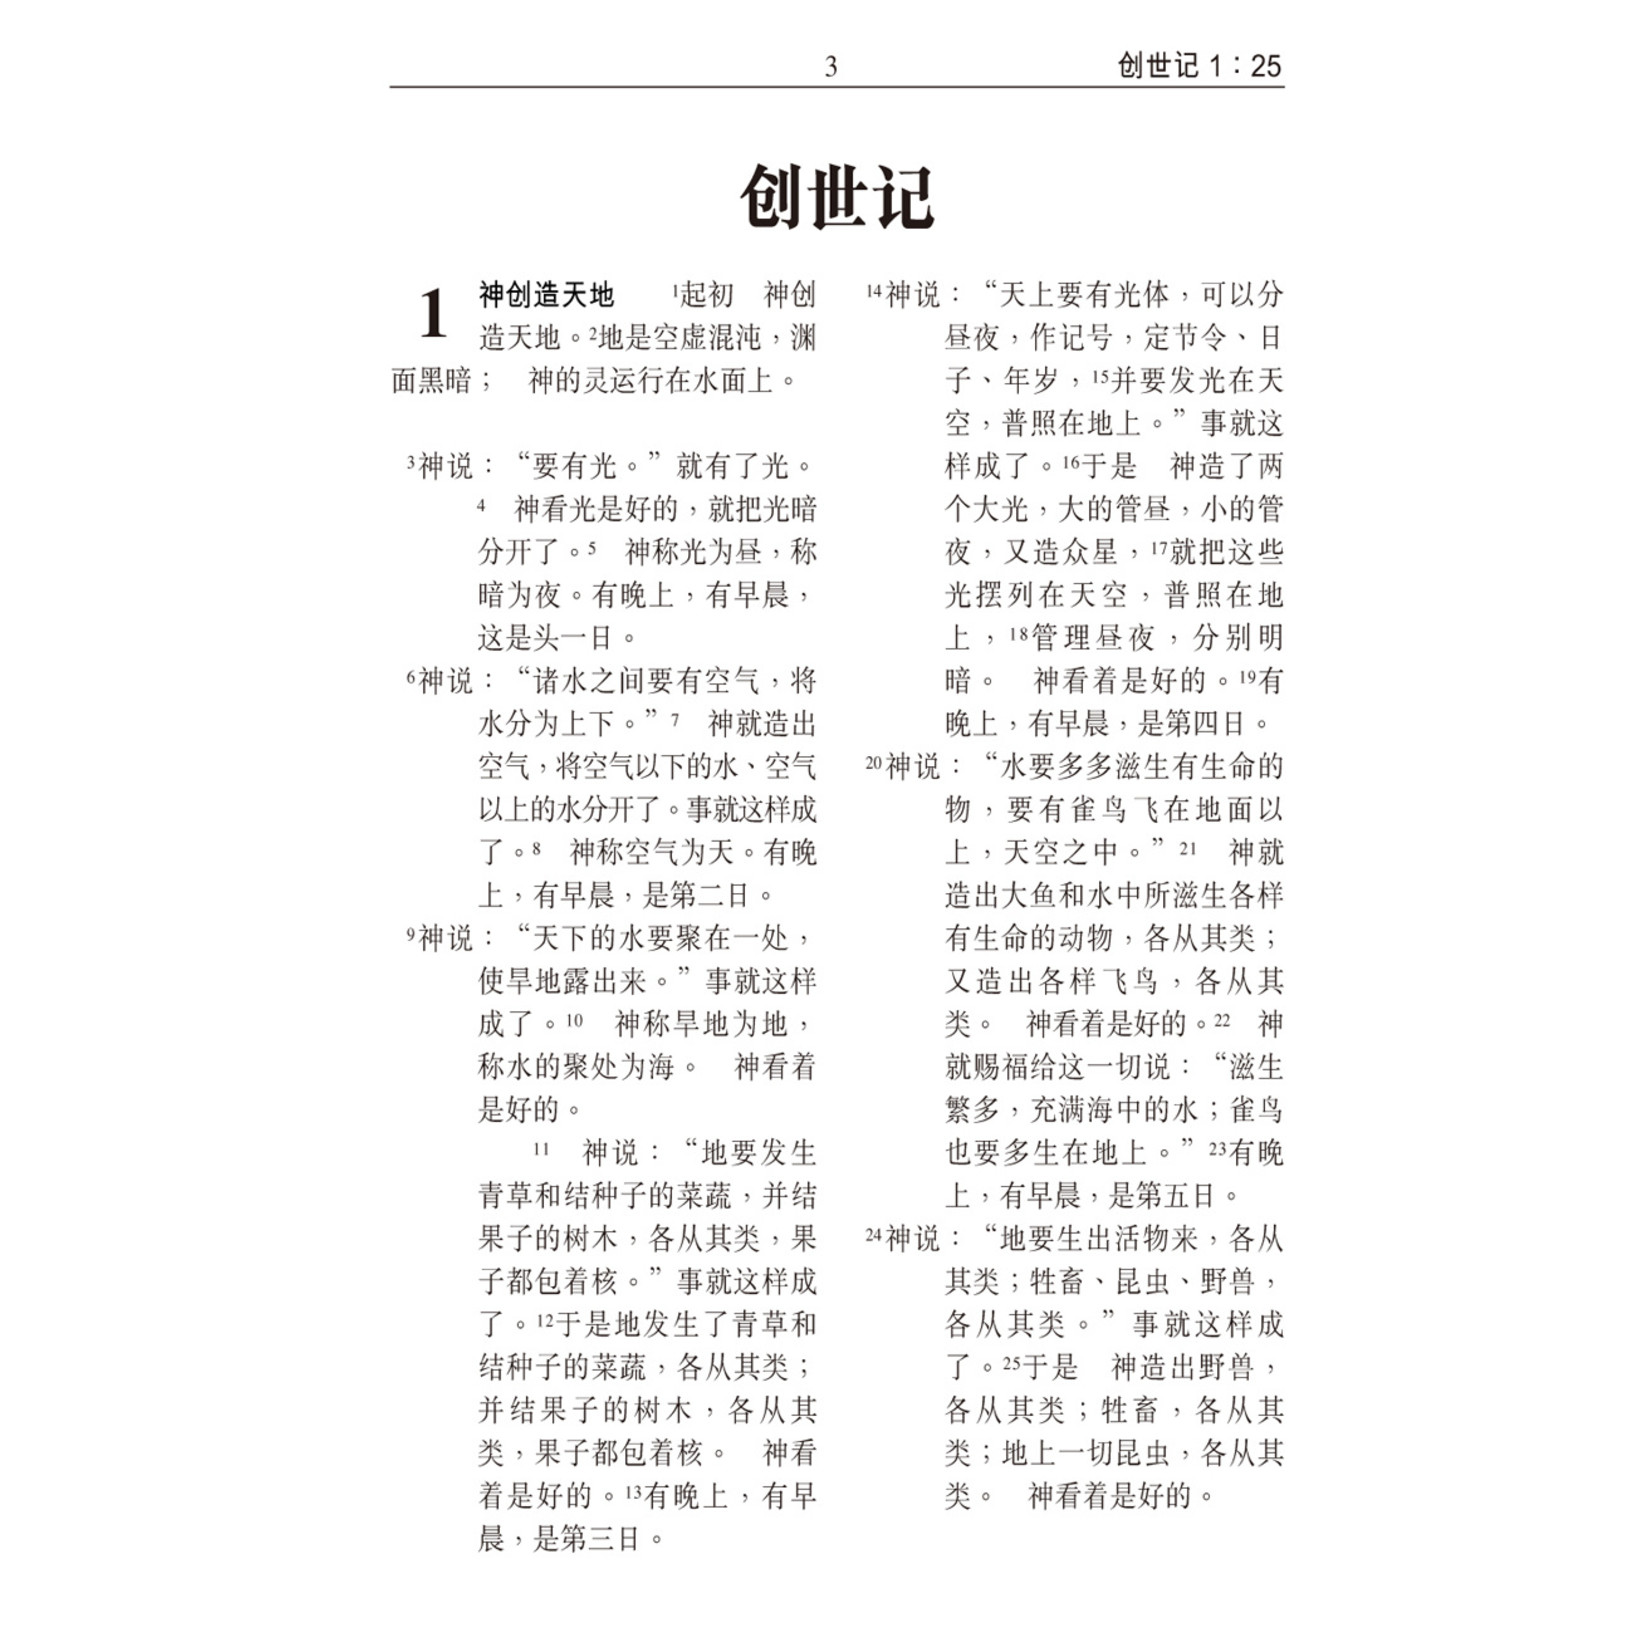 漢語聖經協會 Chinese Bible International 圣经.和合本.祈祷应许版拇指版.红色仿皮面.金边.拉链